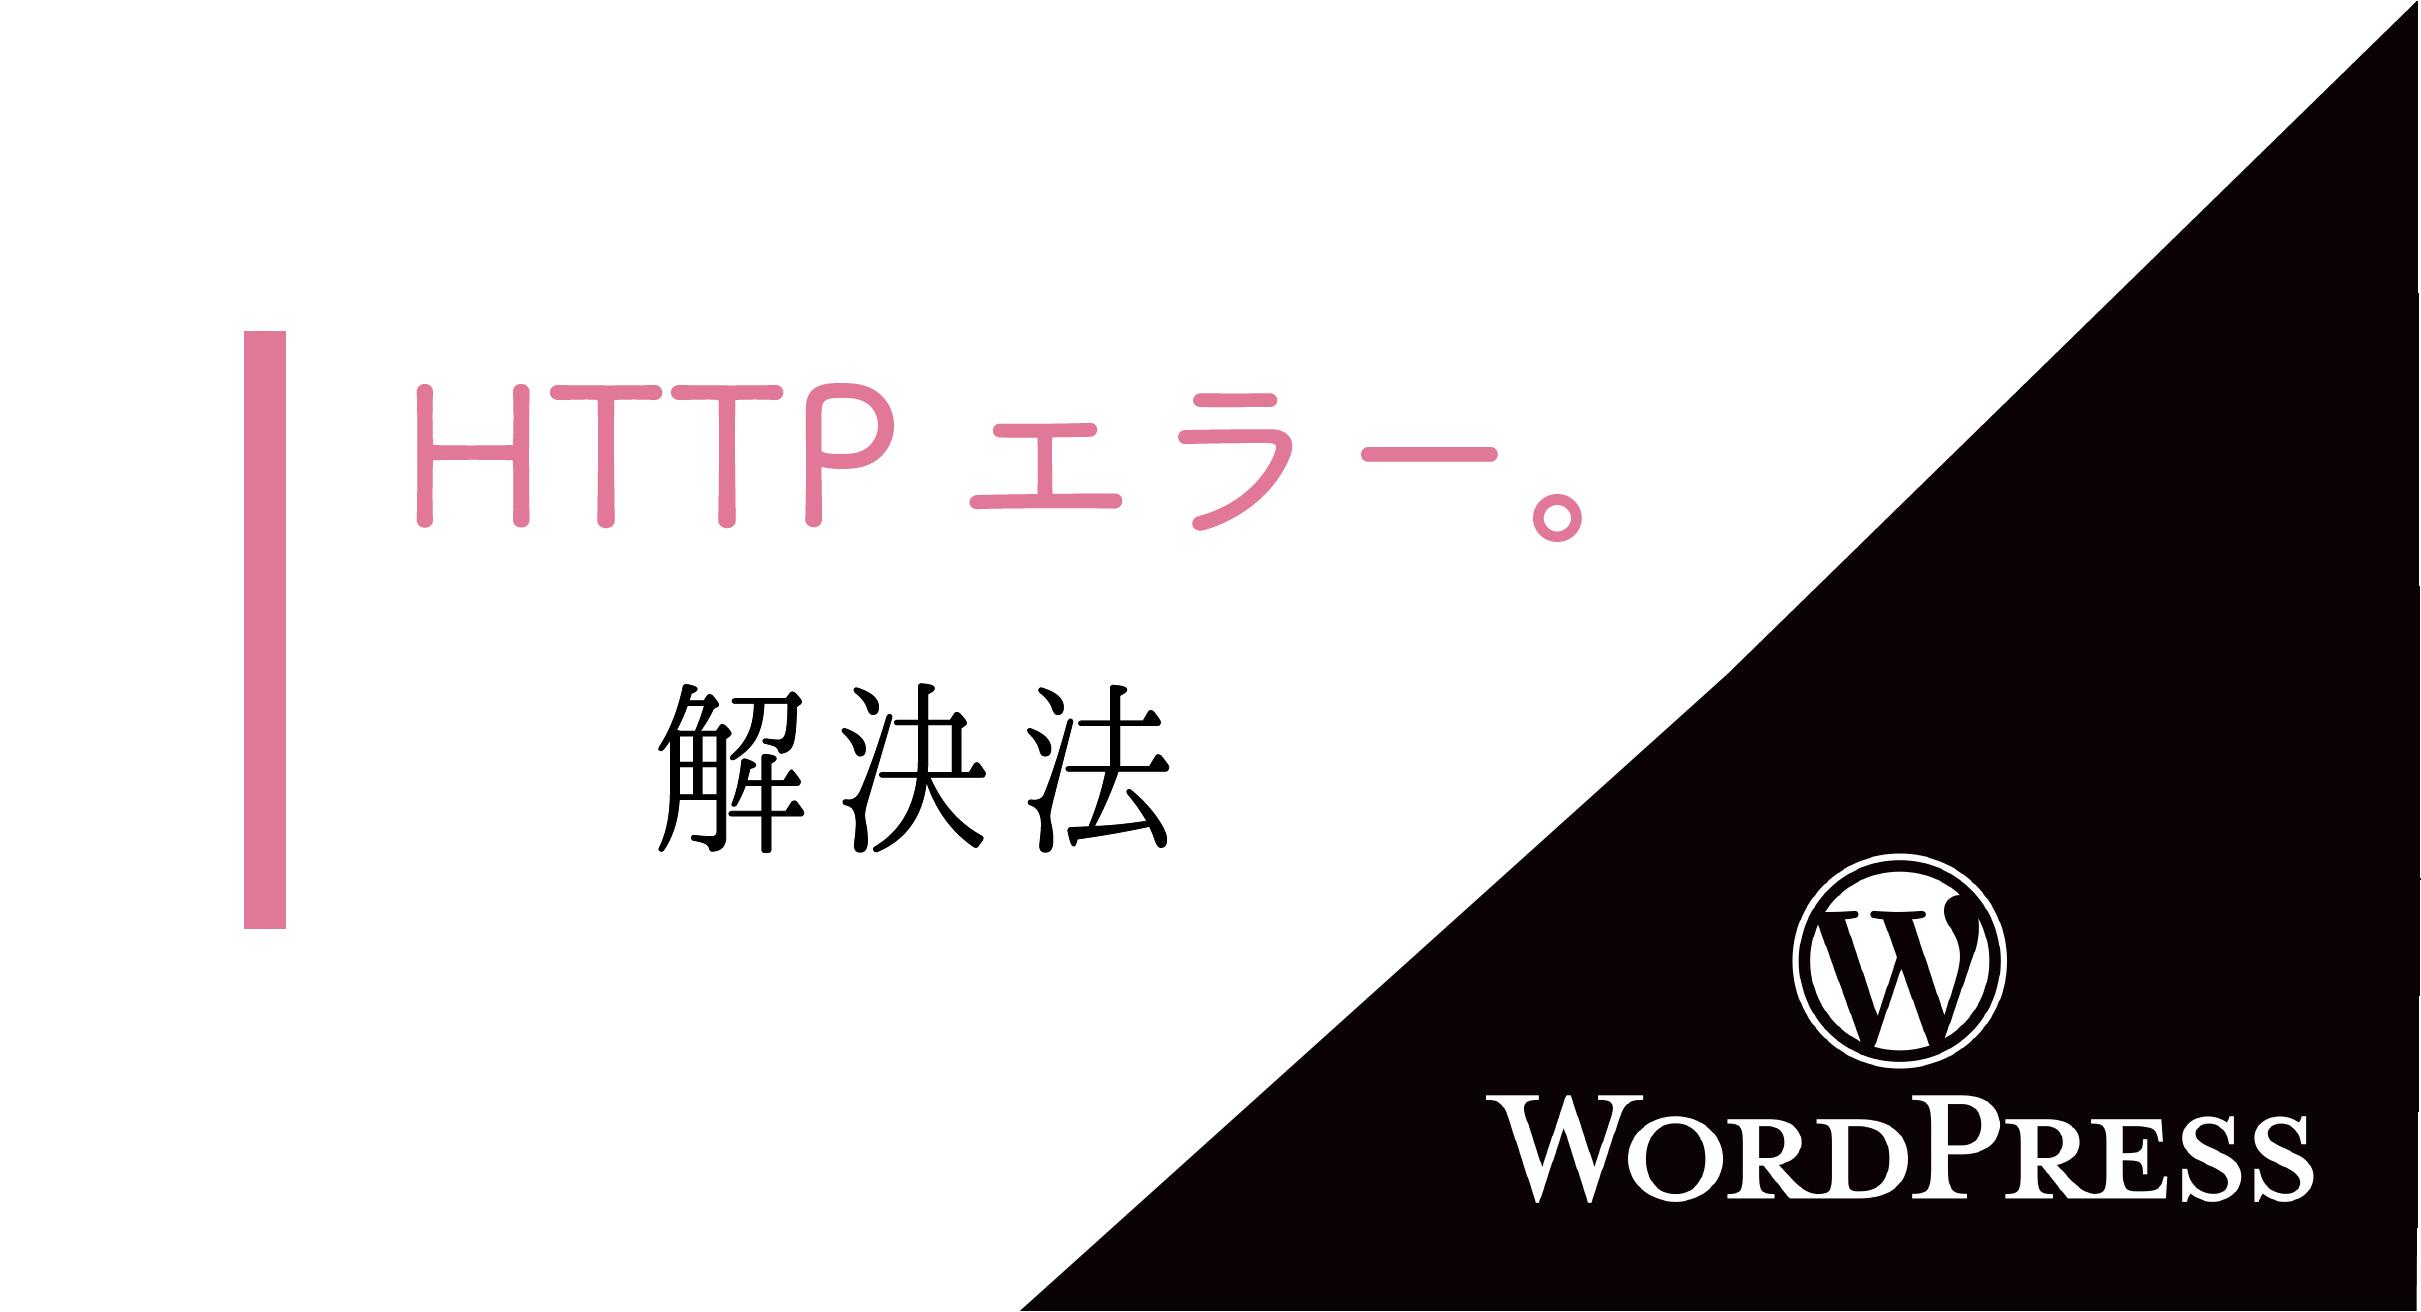 【WP】HTTPエラー。画像のアップロードが出来ない時の解決方法